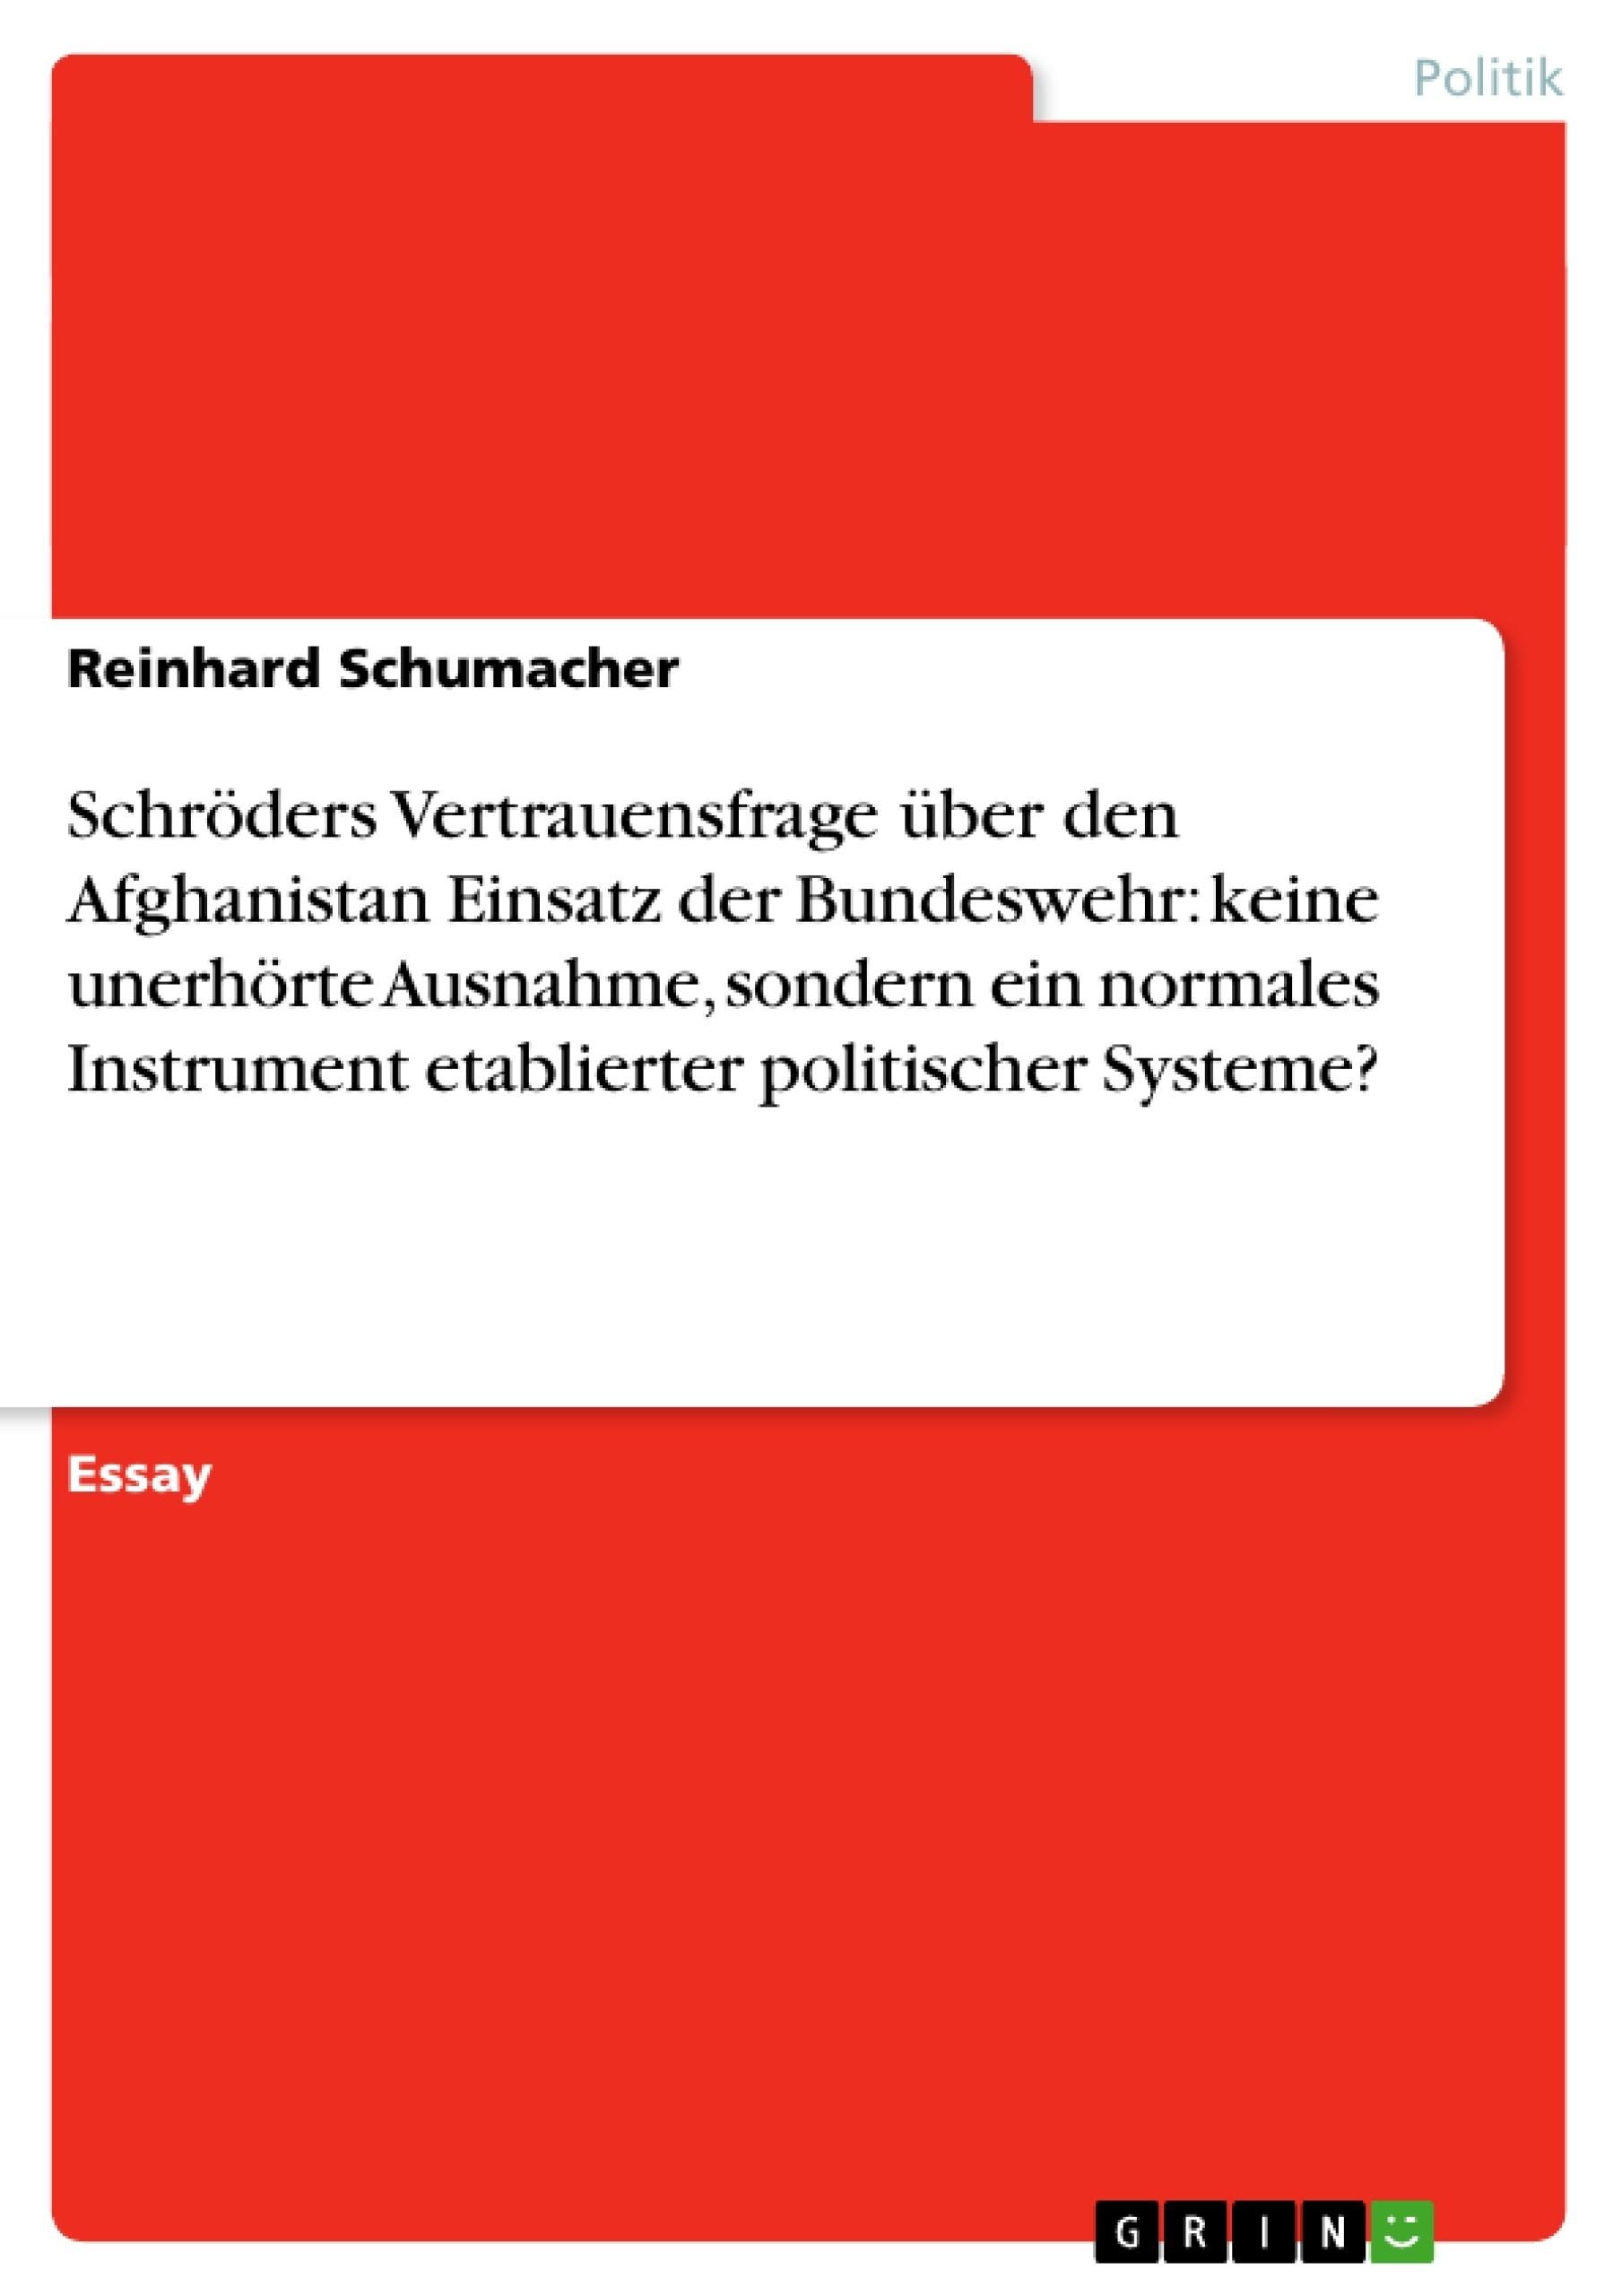 Titel: Schröders Vertrauensfrage über den Afghanistan Einsatz der Bundeswehr: keine unerhörte Ausnahme, sondern ein normales Instrument etablierter politischer Systeme?